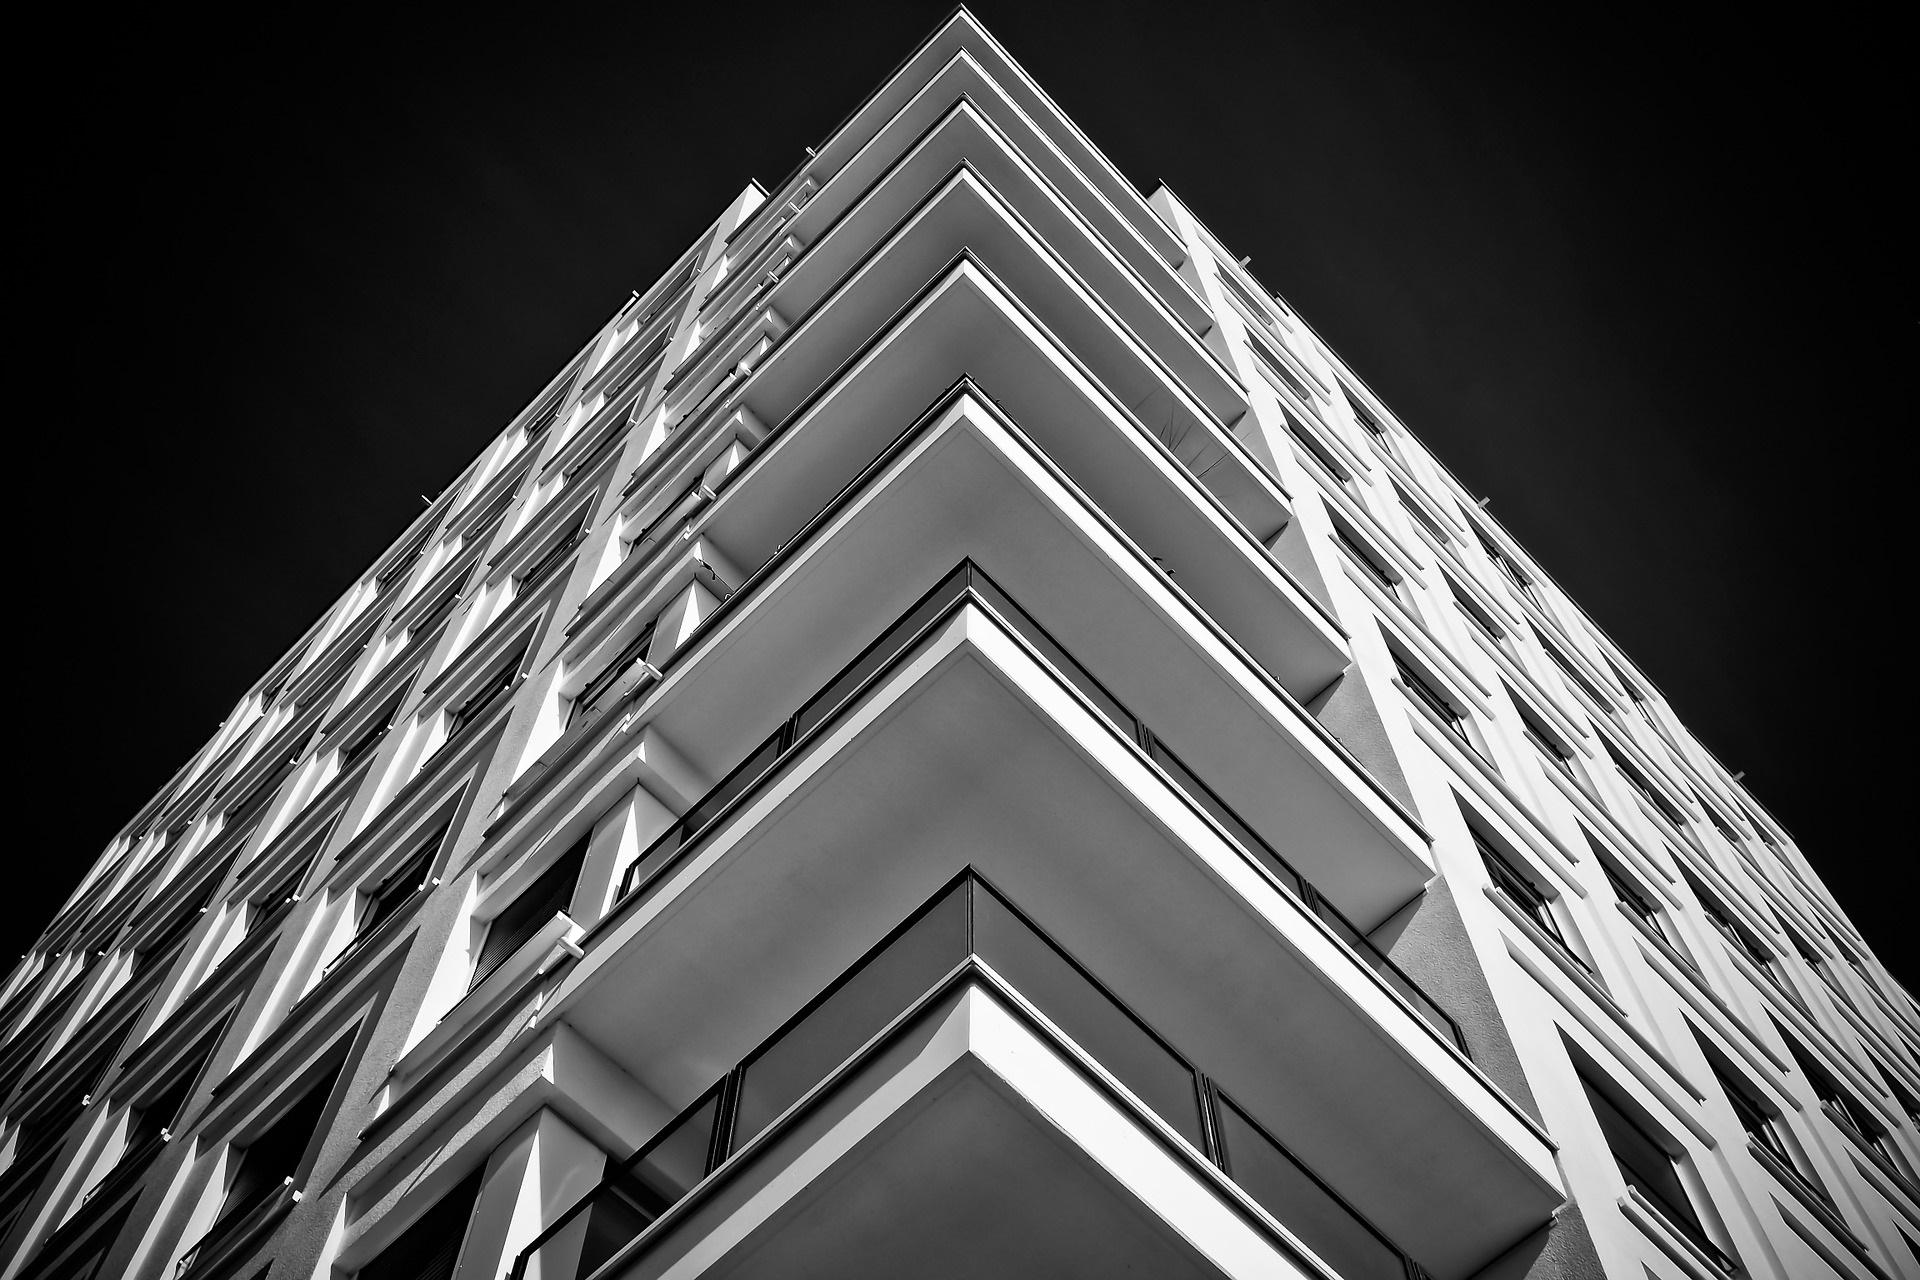 Architecture 1517574 1920